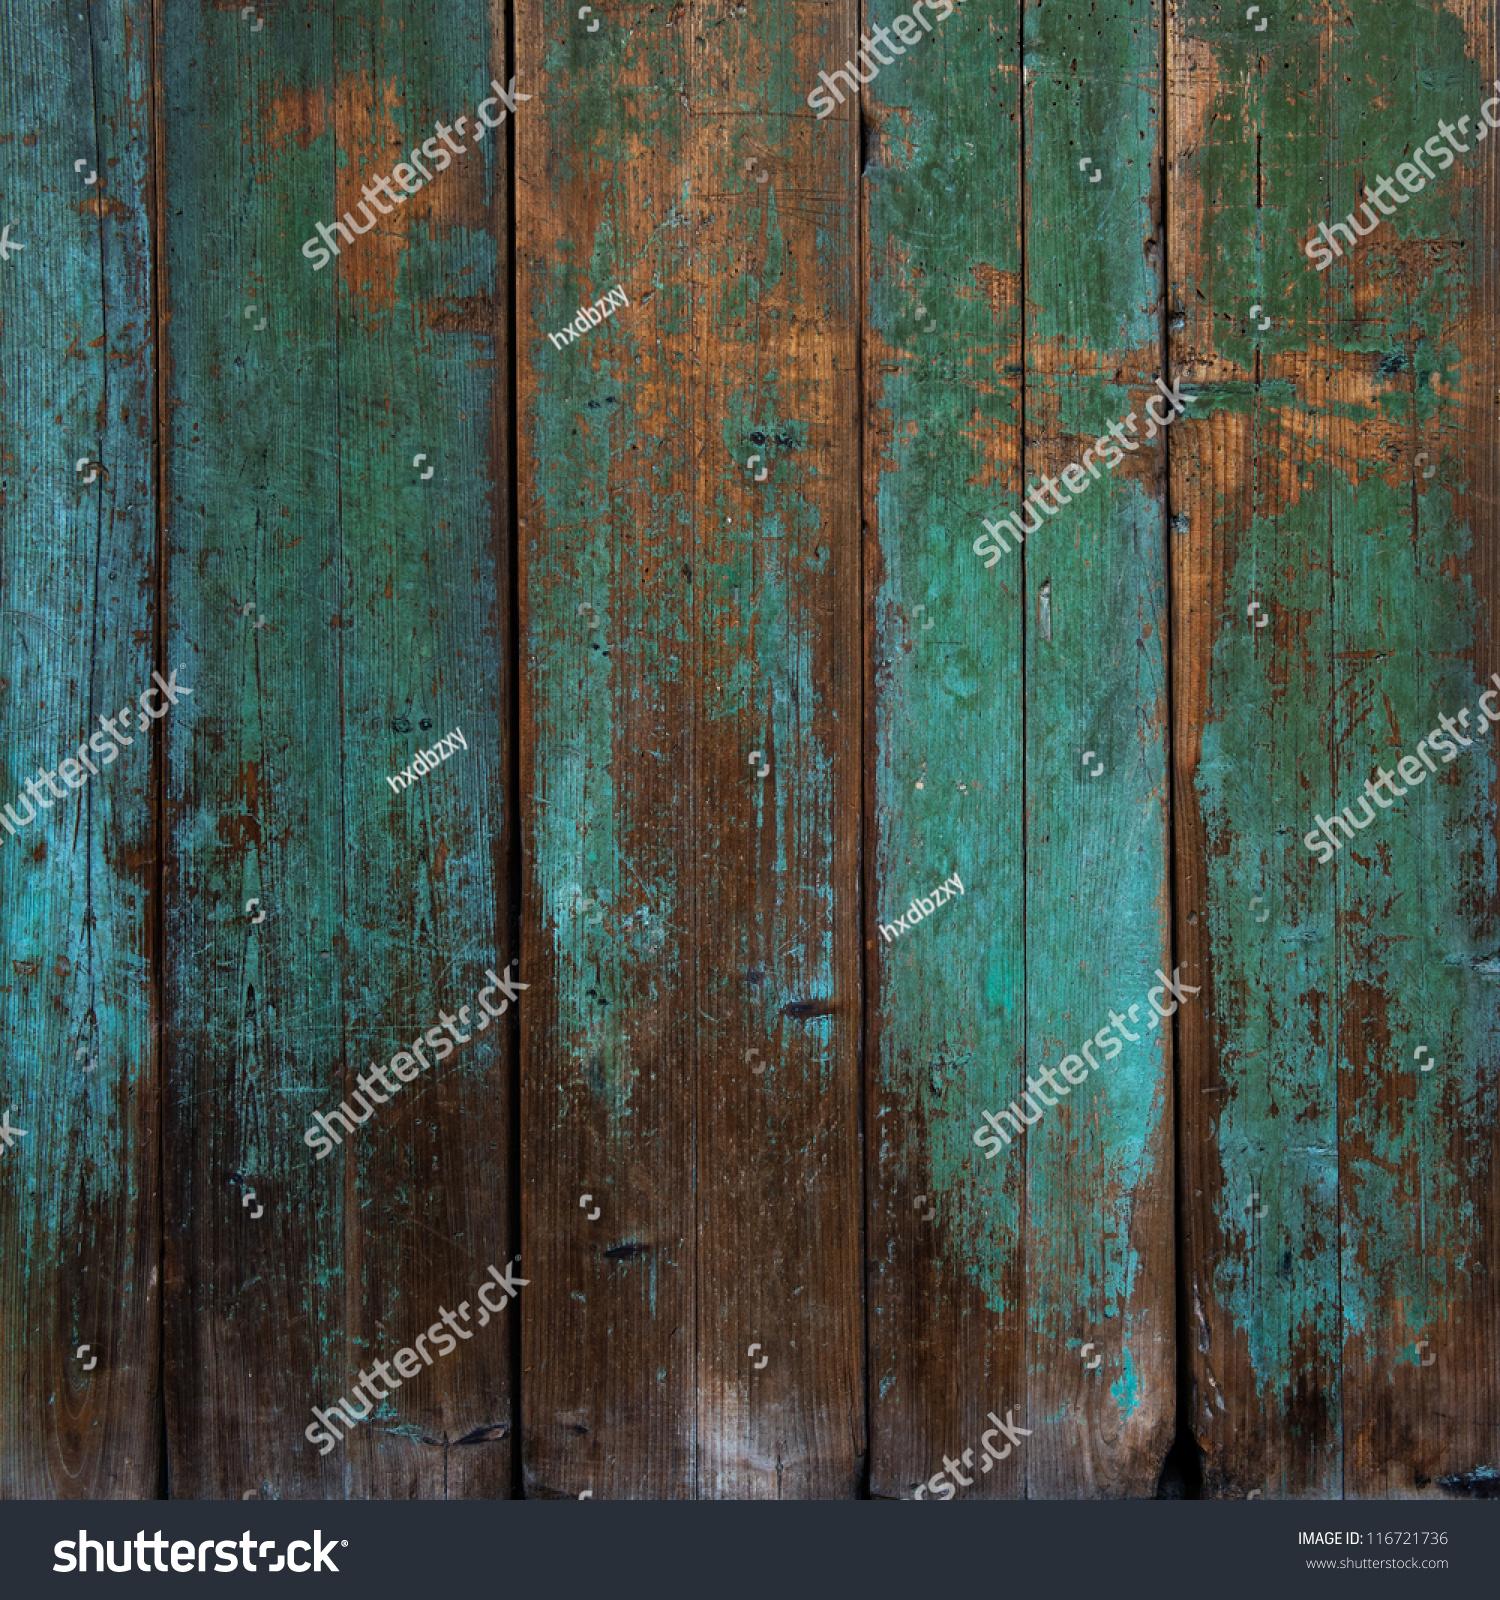 Old grunge wood panels used background stock photo